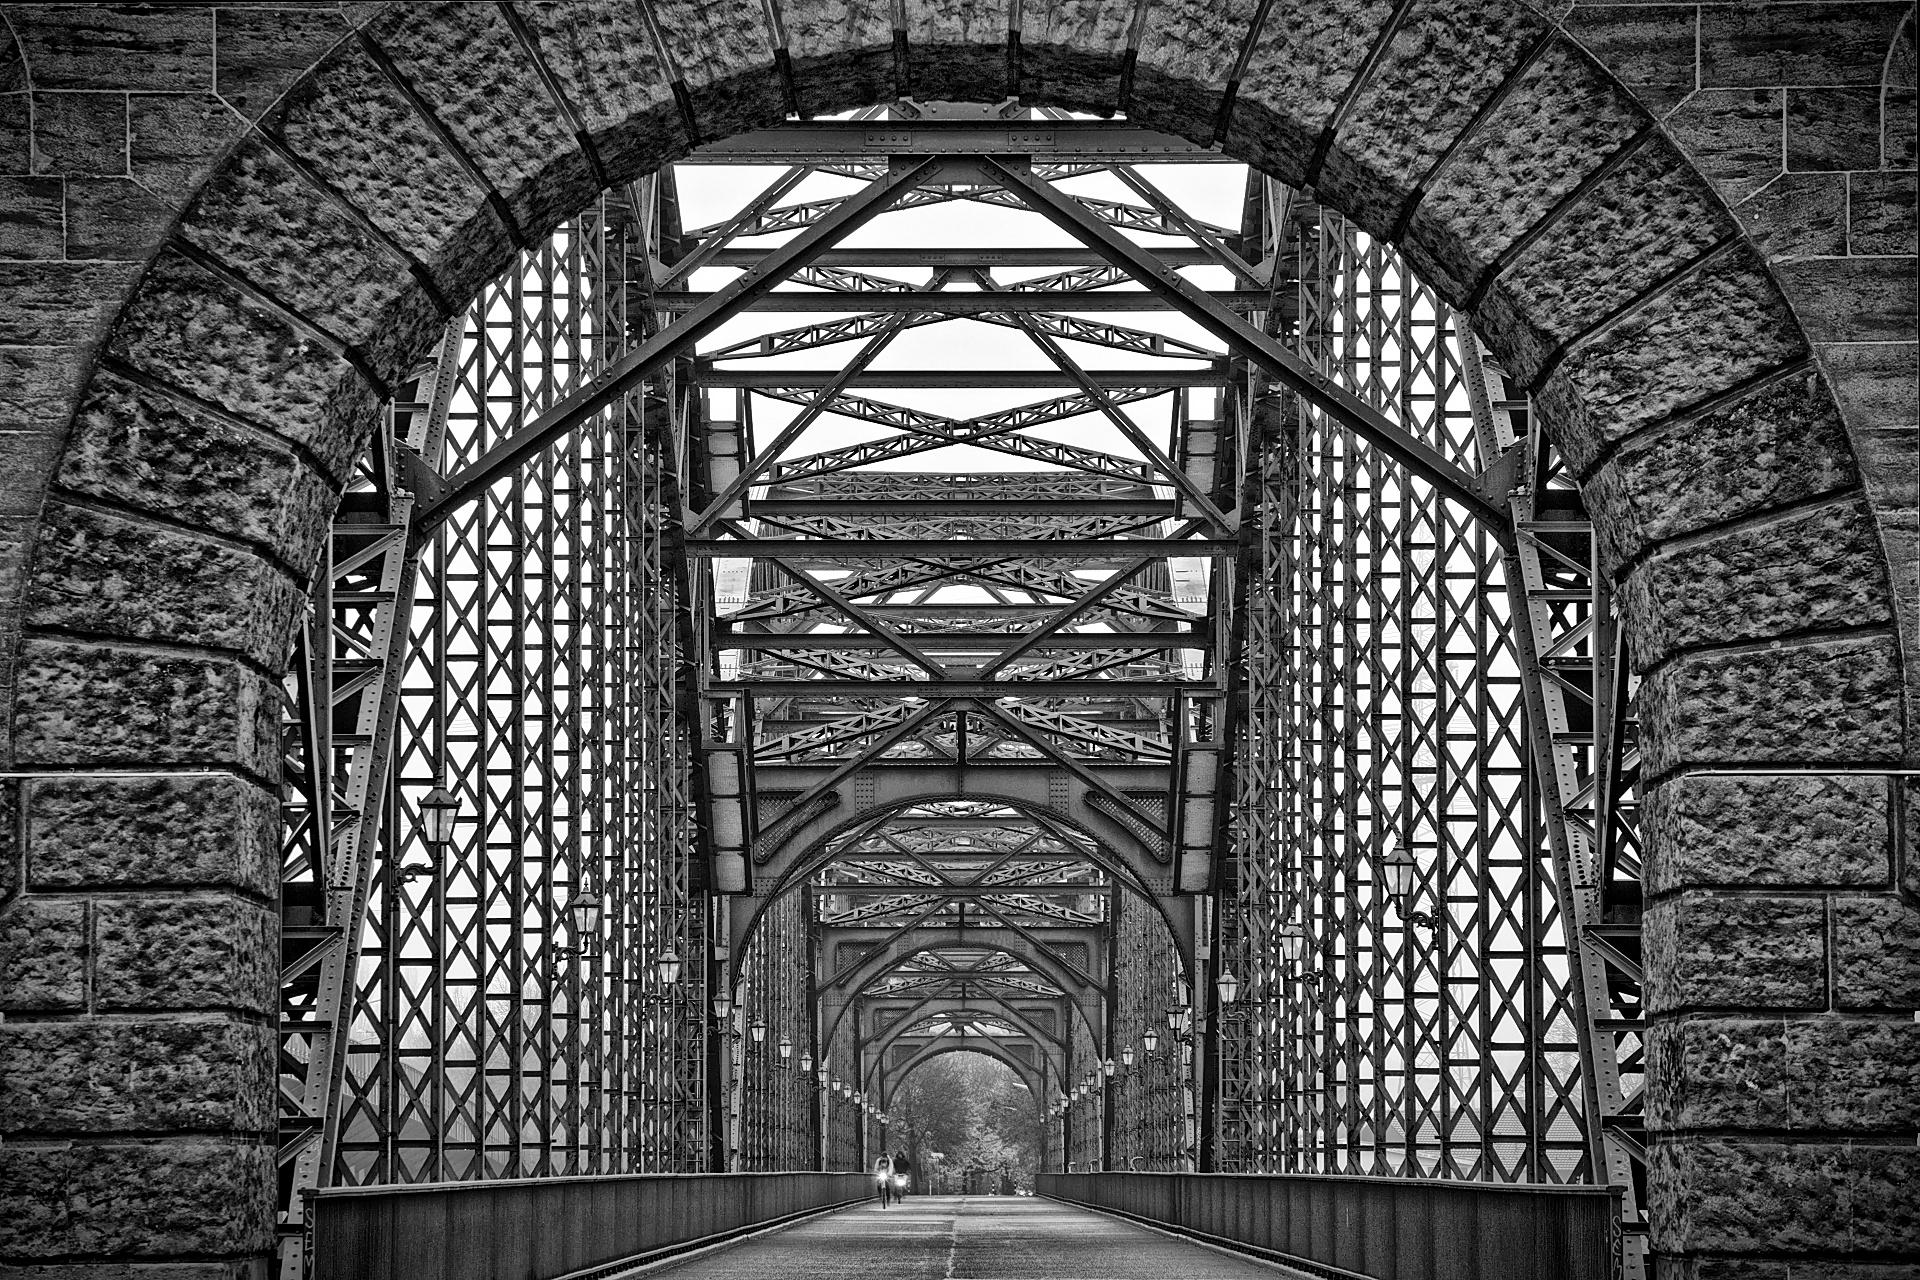 Old Harburger Bridge, Germany